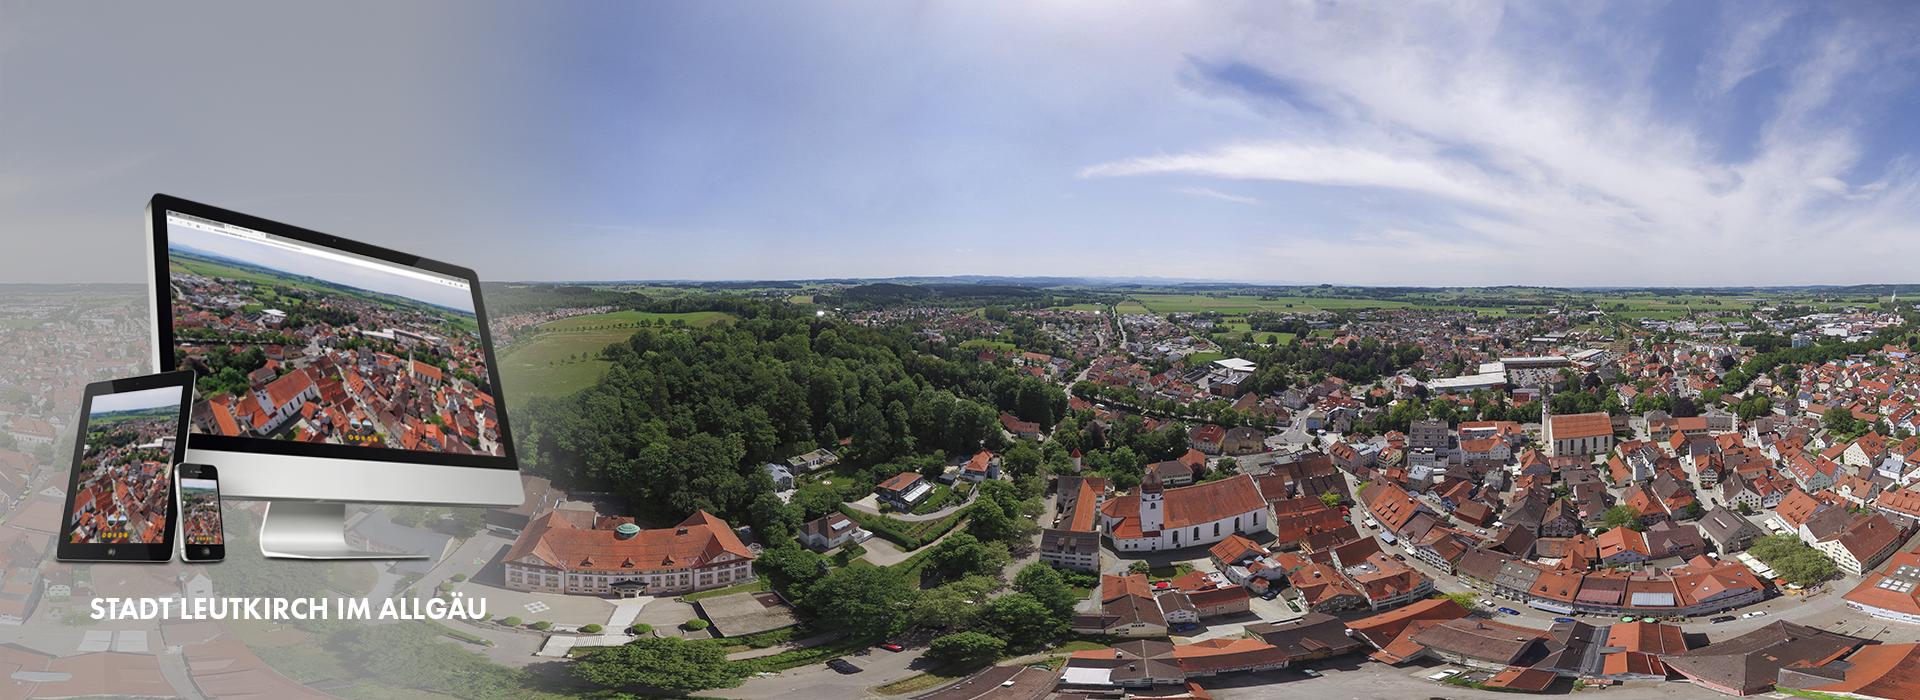 360 Grad interaktive Ründgänge von KNITTEL MEDIEN. Der Medienprofi aus Süddeutschland.